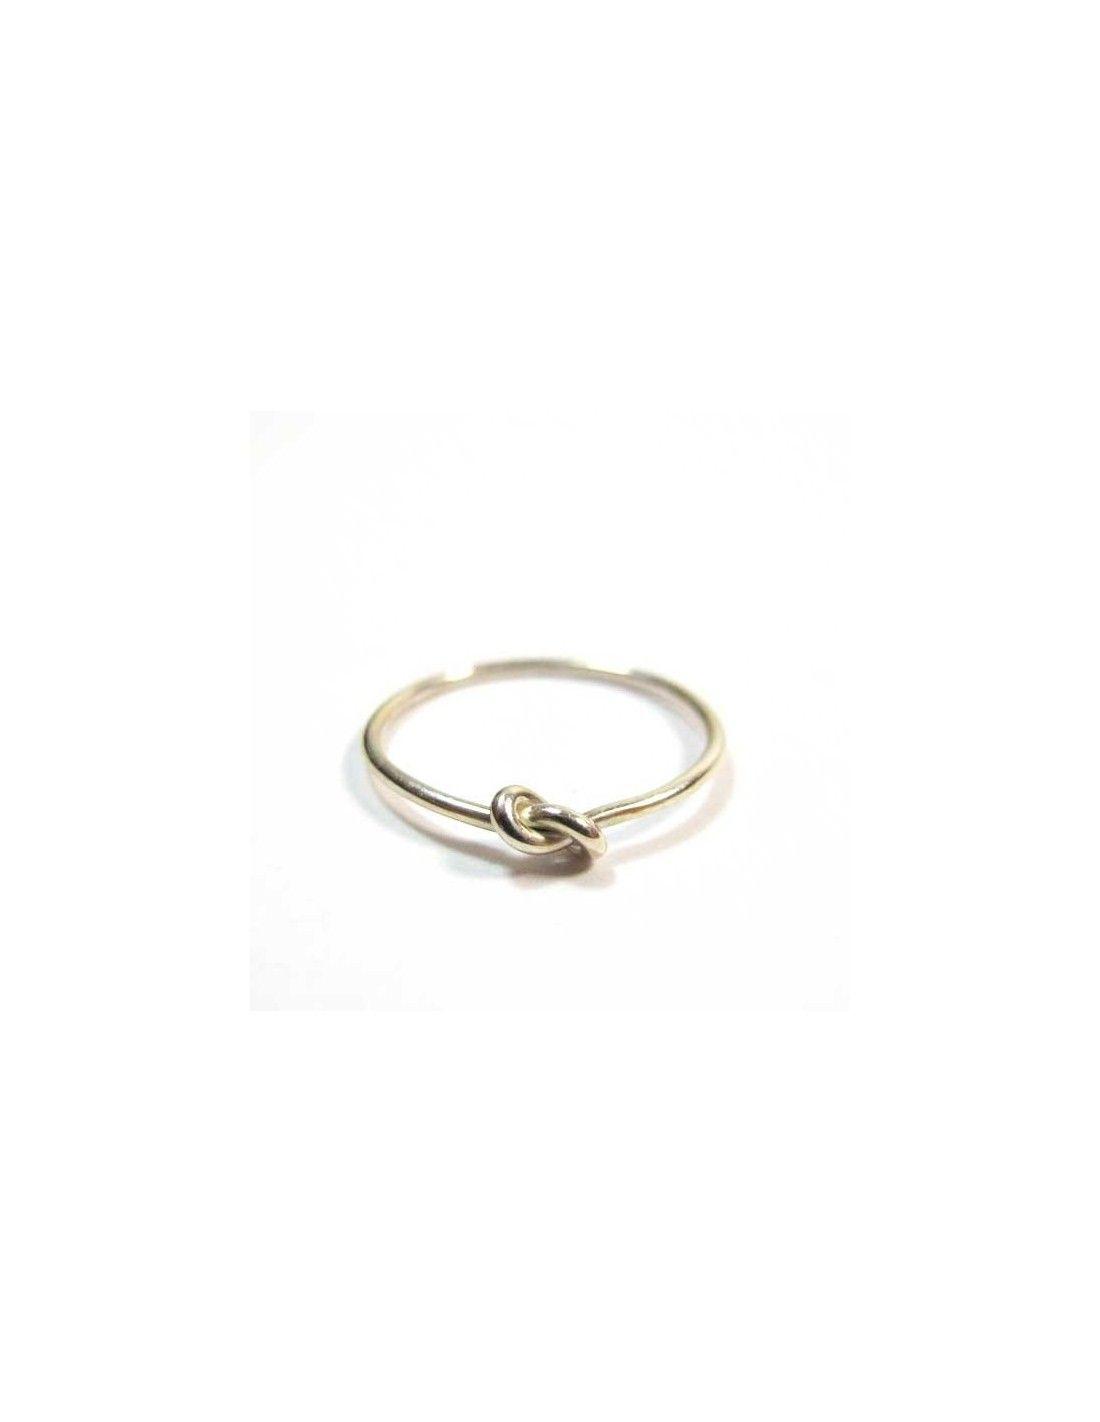 Préférence anneau argent très fin - bagues fines argent ba48 IJ91